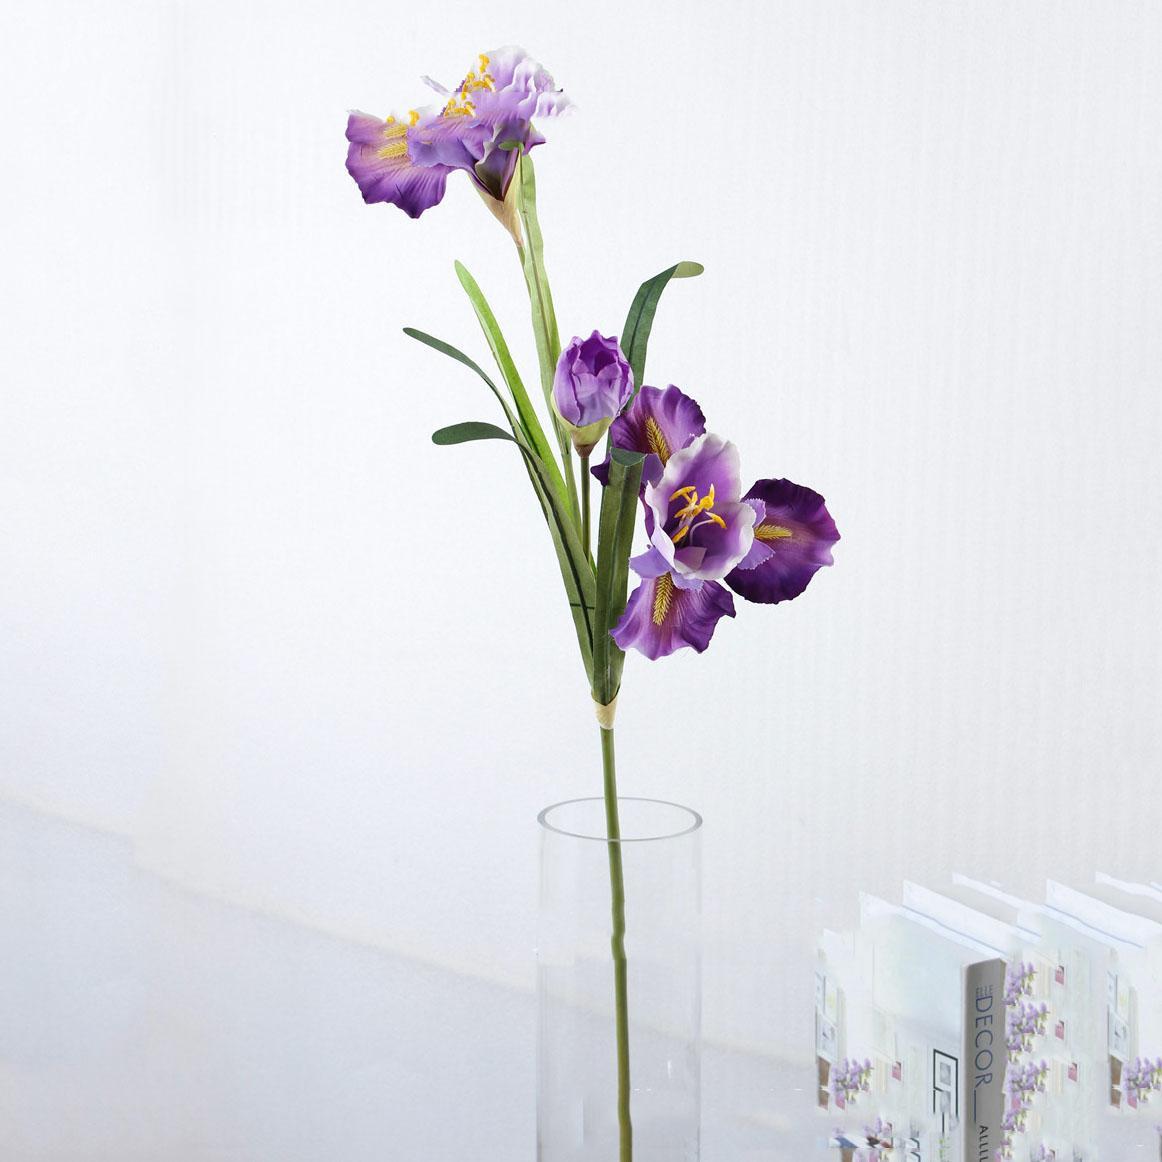 2019 90cm High Artificial Iris Flower Silk Flowers Wedding Party